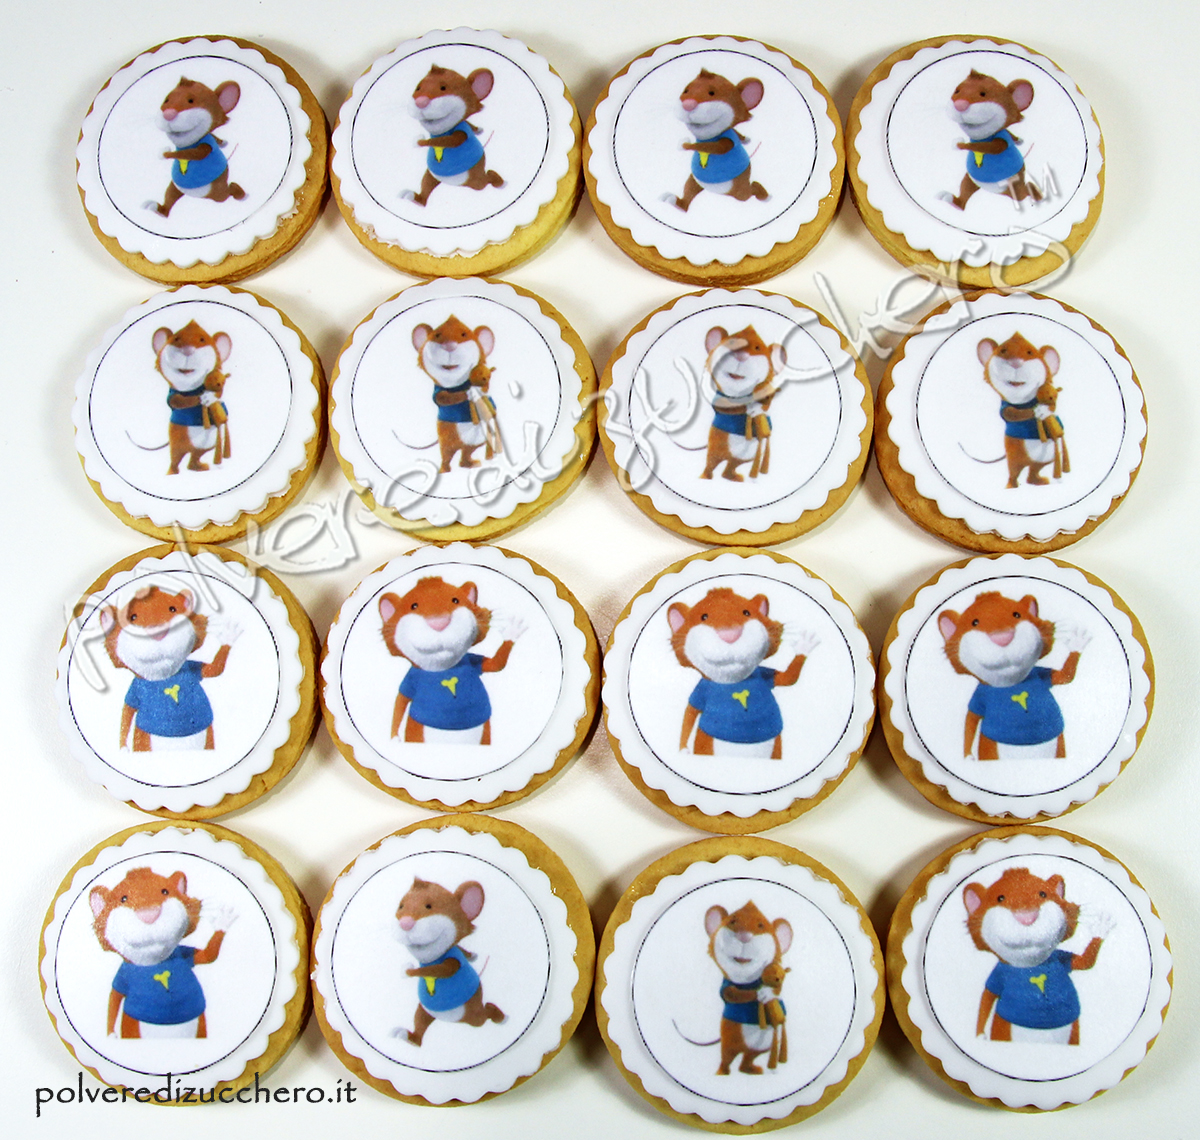 biscotti decorati pasta di zucchero topo tip cartoni animati cake design pasta frolla cialda alimentare polvere di zucchero